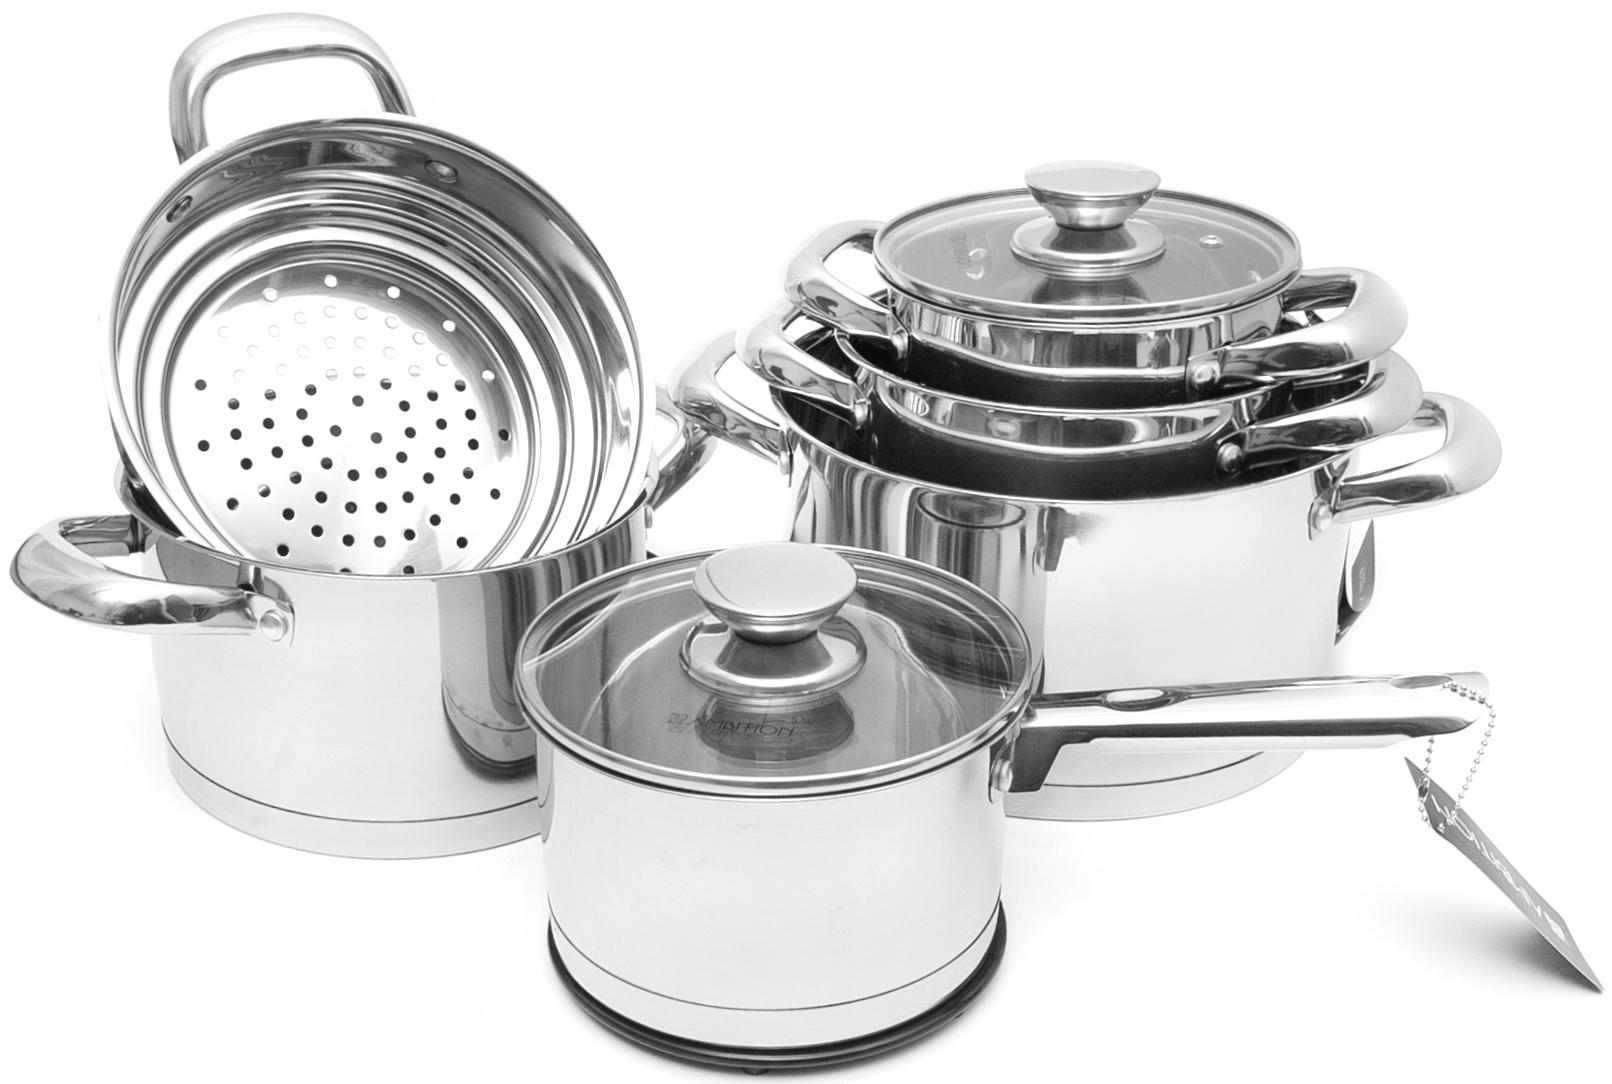 Набор посуды Ambition, 13 предметов68880Набор посуды изготовлен из нержавеющей стали. Для всех типов варочных панелей, включая индукционную. Можно мыть в посудомоечной машине. Кастрюли имеют толстое дно индукционное. Набор Кастрюль Ковш 1)D=16cm, V= 1,8л, H=10 cm, Кастрюли : 2) D=16cm, V= 1,8 л, H=10 cm, 3) D=18cm, V= 2,5л, H=11 cm, 4)D=20cm, V= 3л, H=12 cm, 5) D=24cm, V= 5,9л, H=14 cm, вкладыш для приготовления на пару 6) D=24cm, H=9 cm. Подставка под кастрюлю 2 штуки 7) D=16 см.